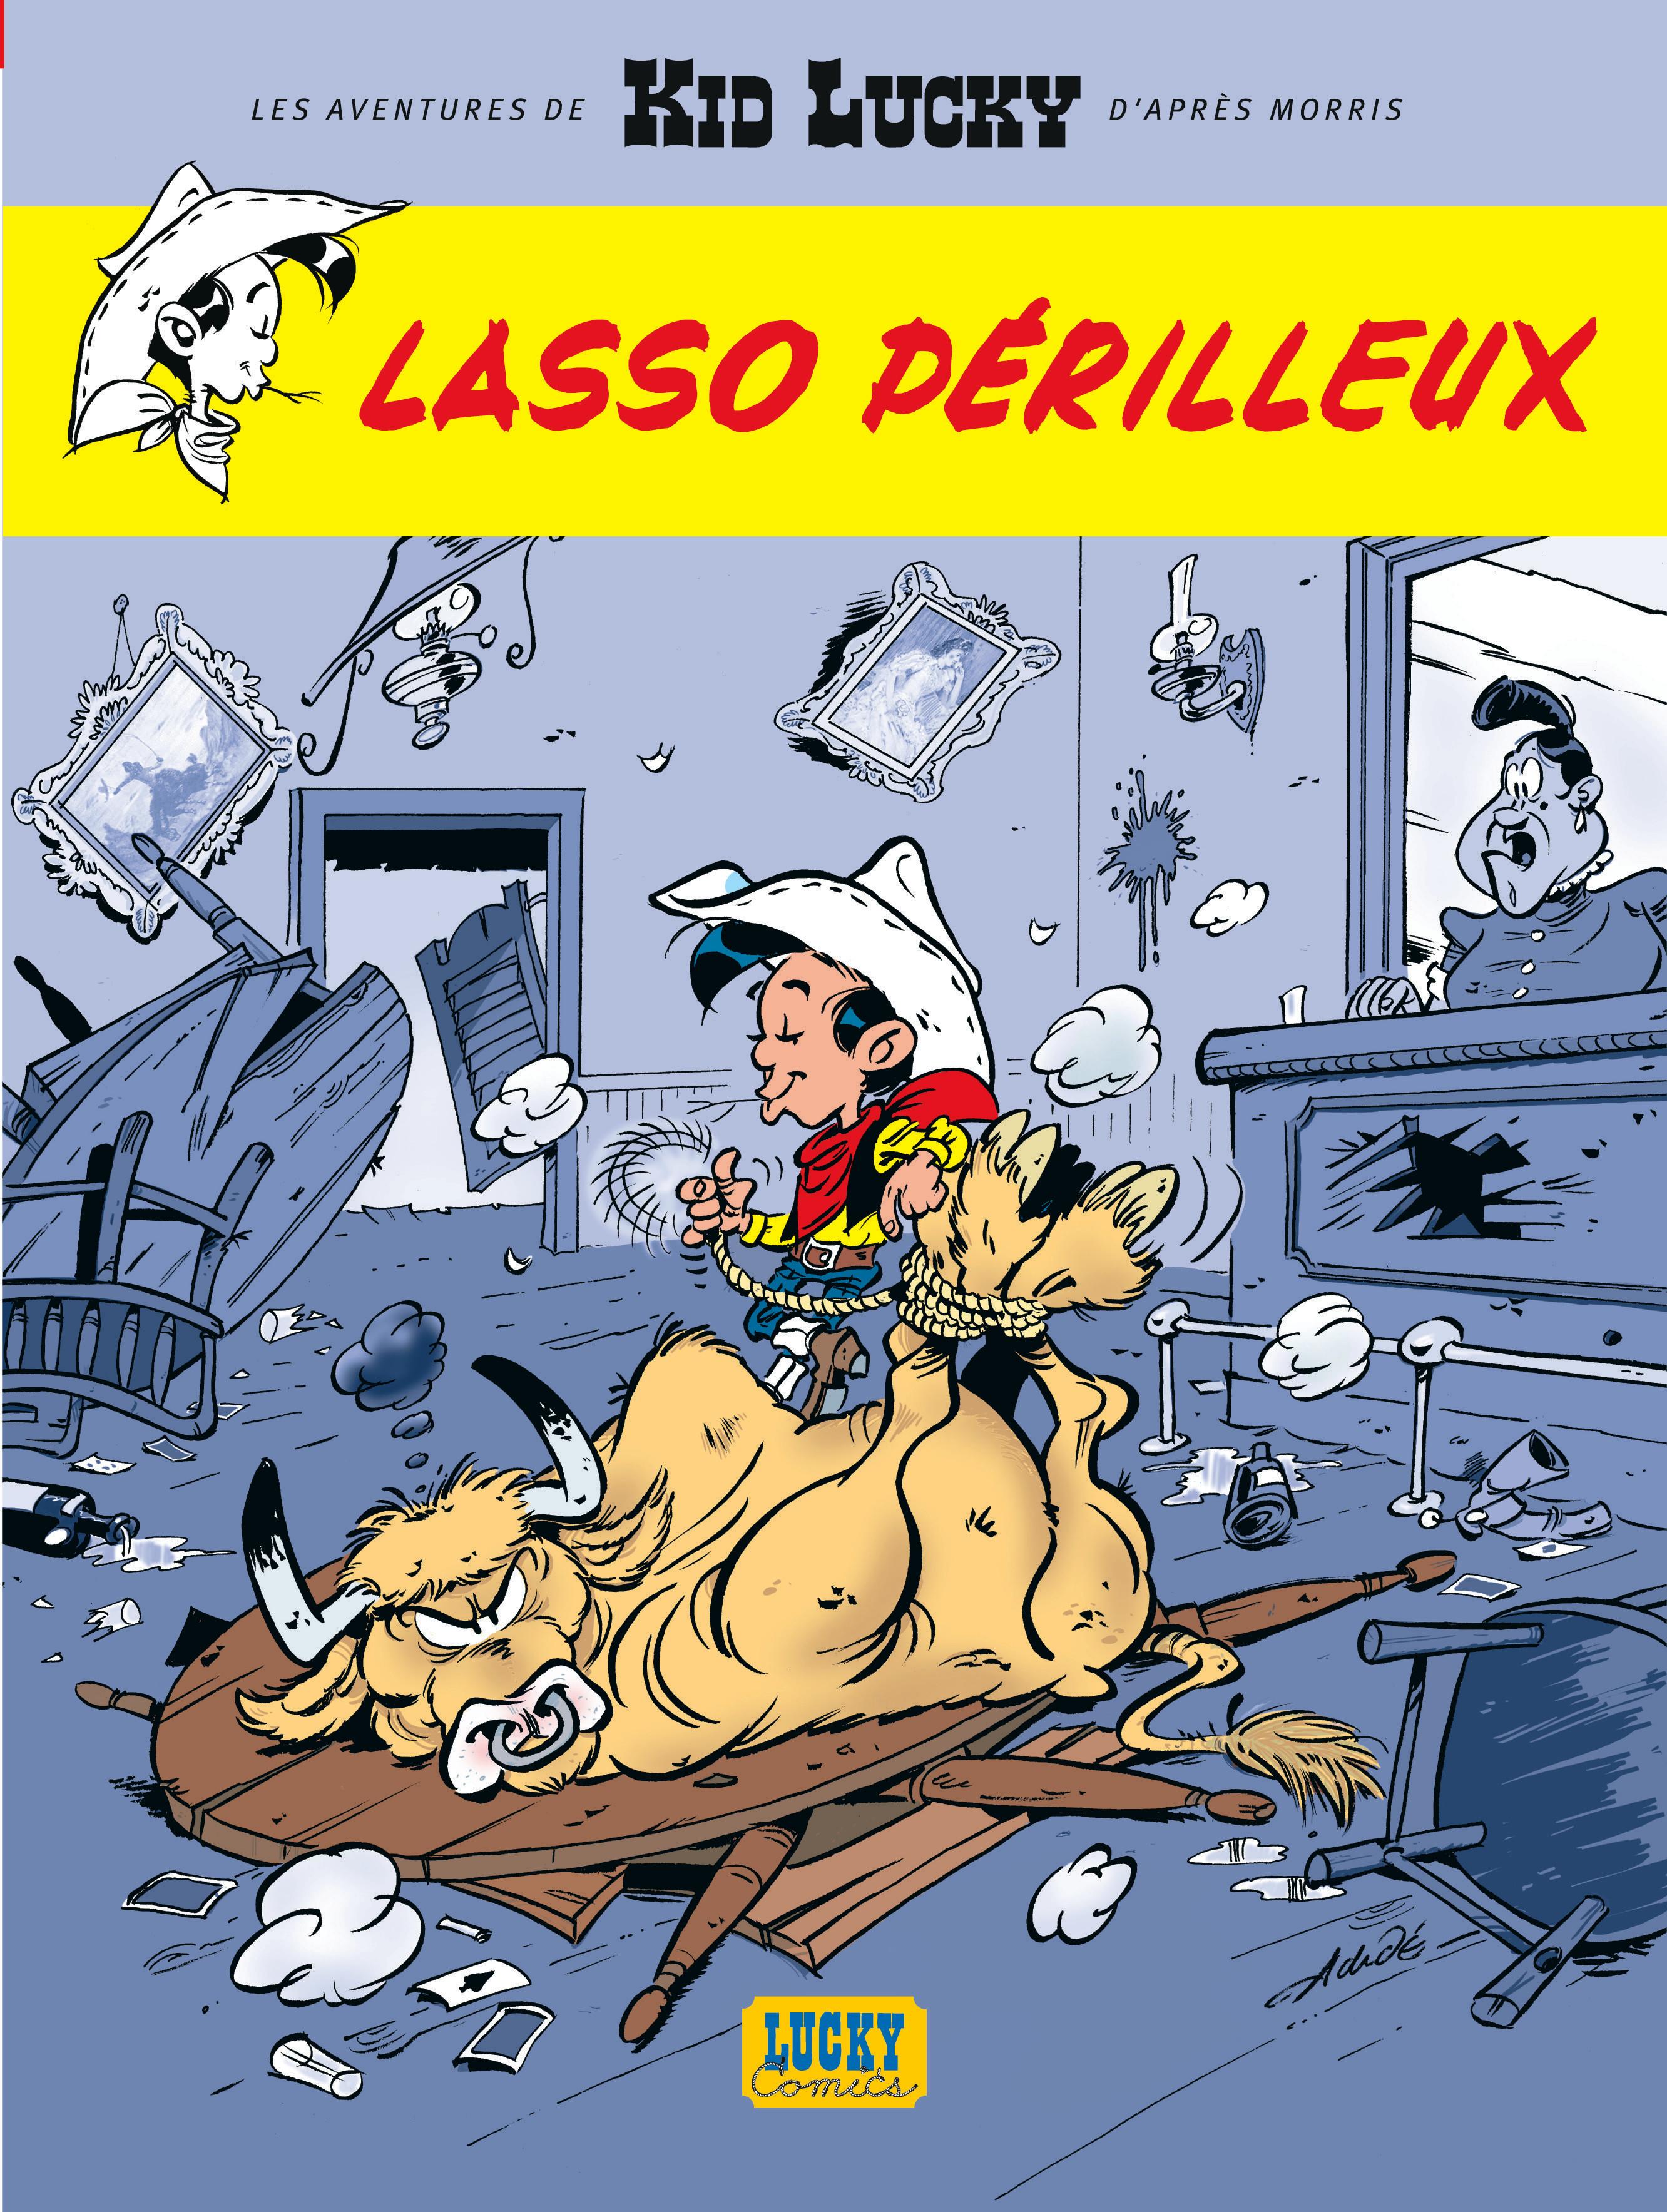 Les aventures de Kid Lucky 2 -  Lasso périlleux